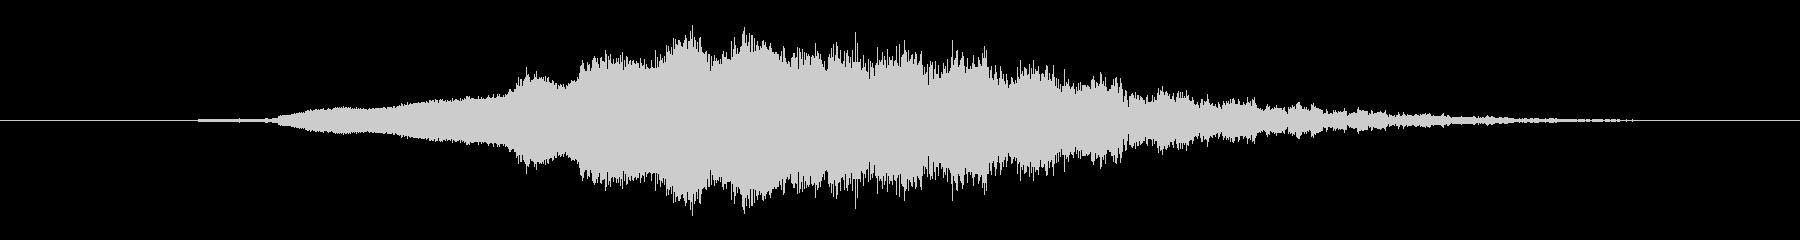 特撮 ウーシュ01の未再生の波形